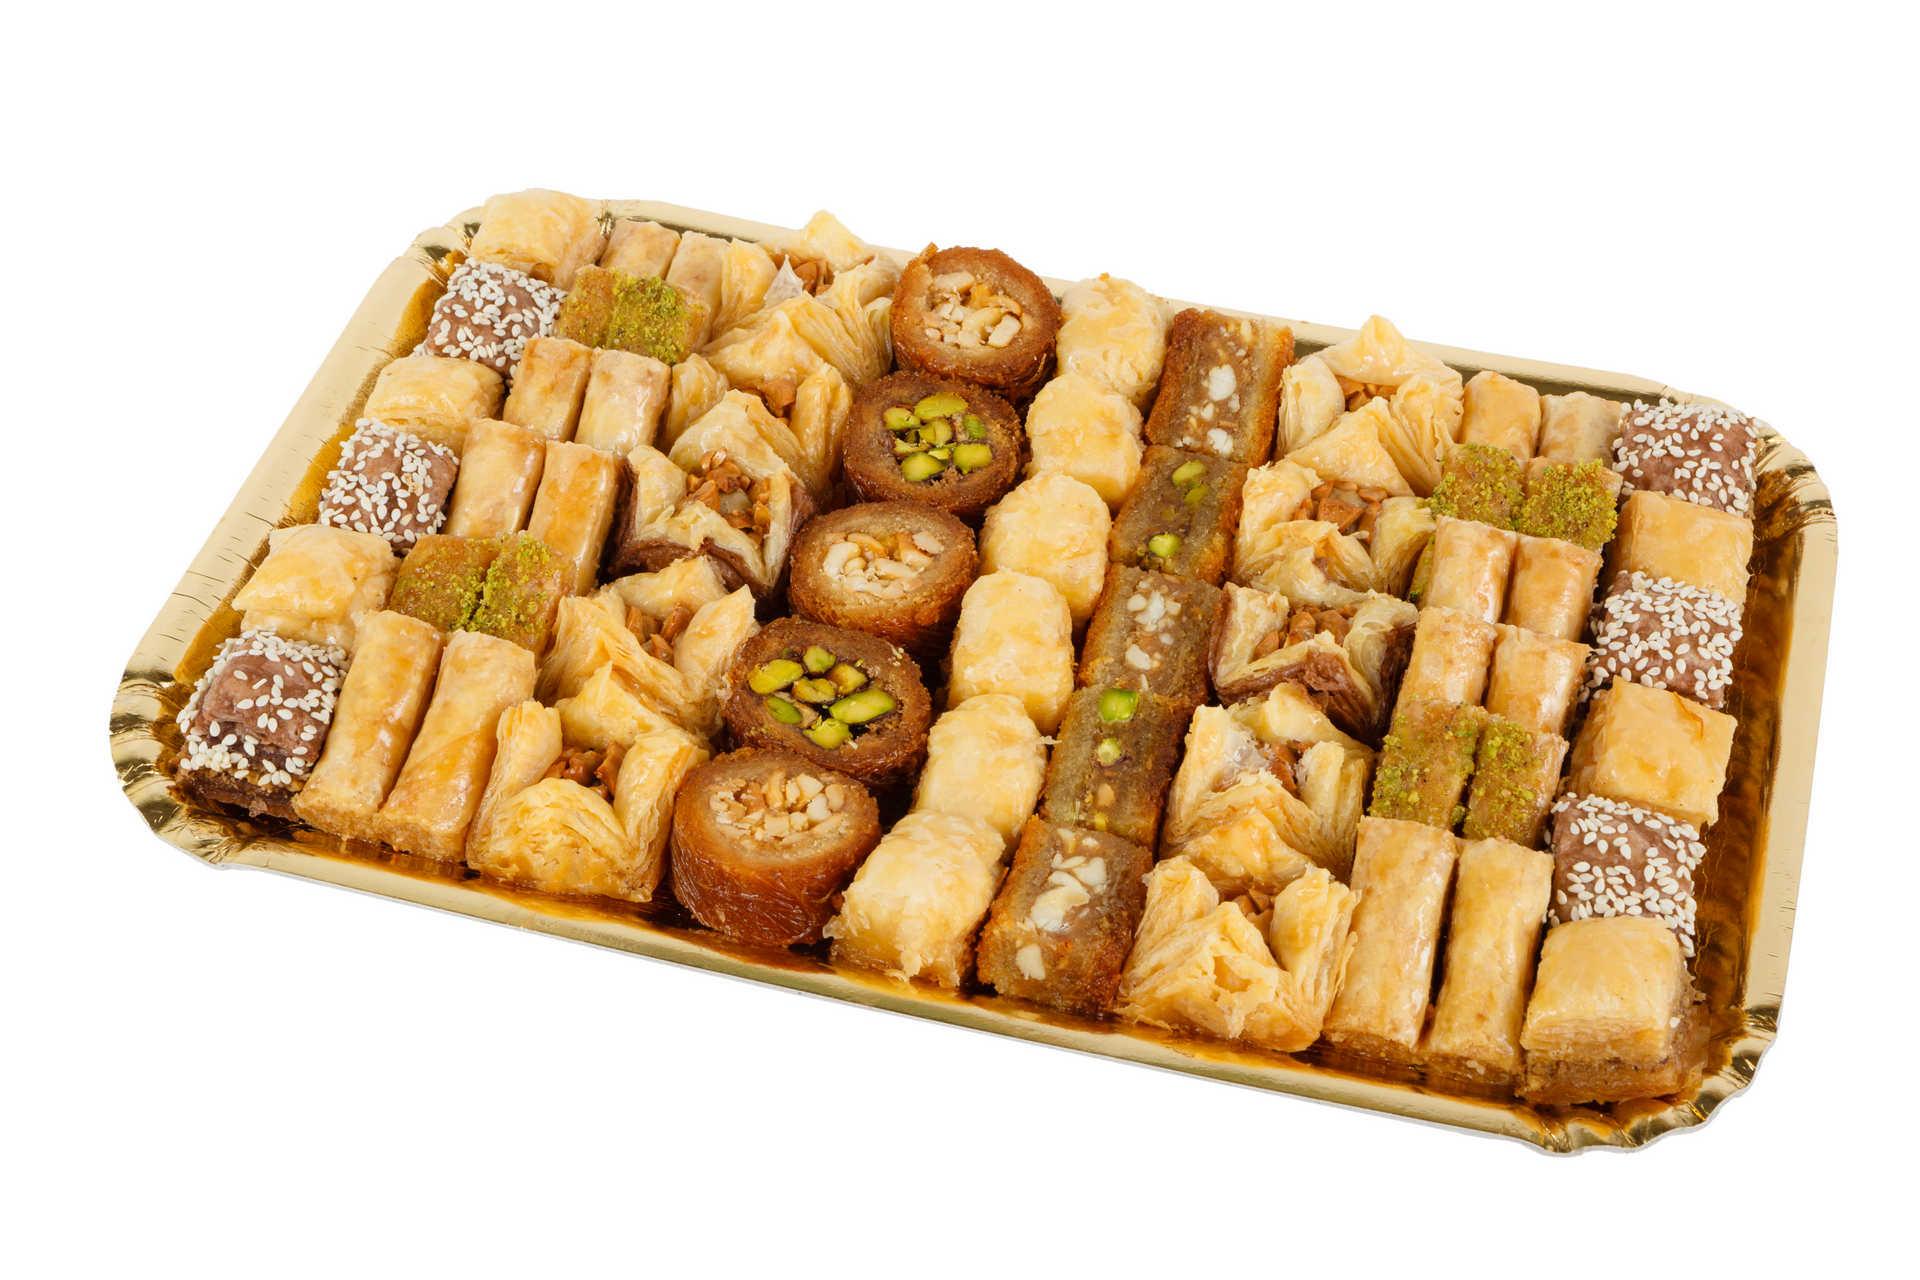 """Pate D'or Пахлава - ассорти ливанских сладостей """"1000 и 1 ночь"""", 1000 г import_files_75_75ecc6bf787e11e799f3606c664b1de1_6d364de02dcf11e882f7a0a8cddf3602.jpg"""